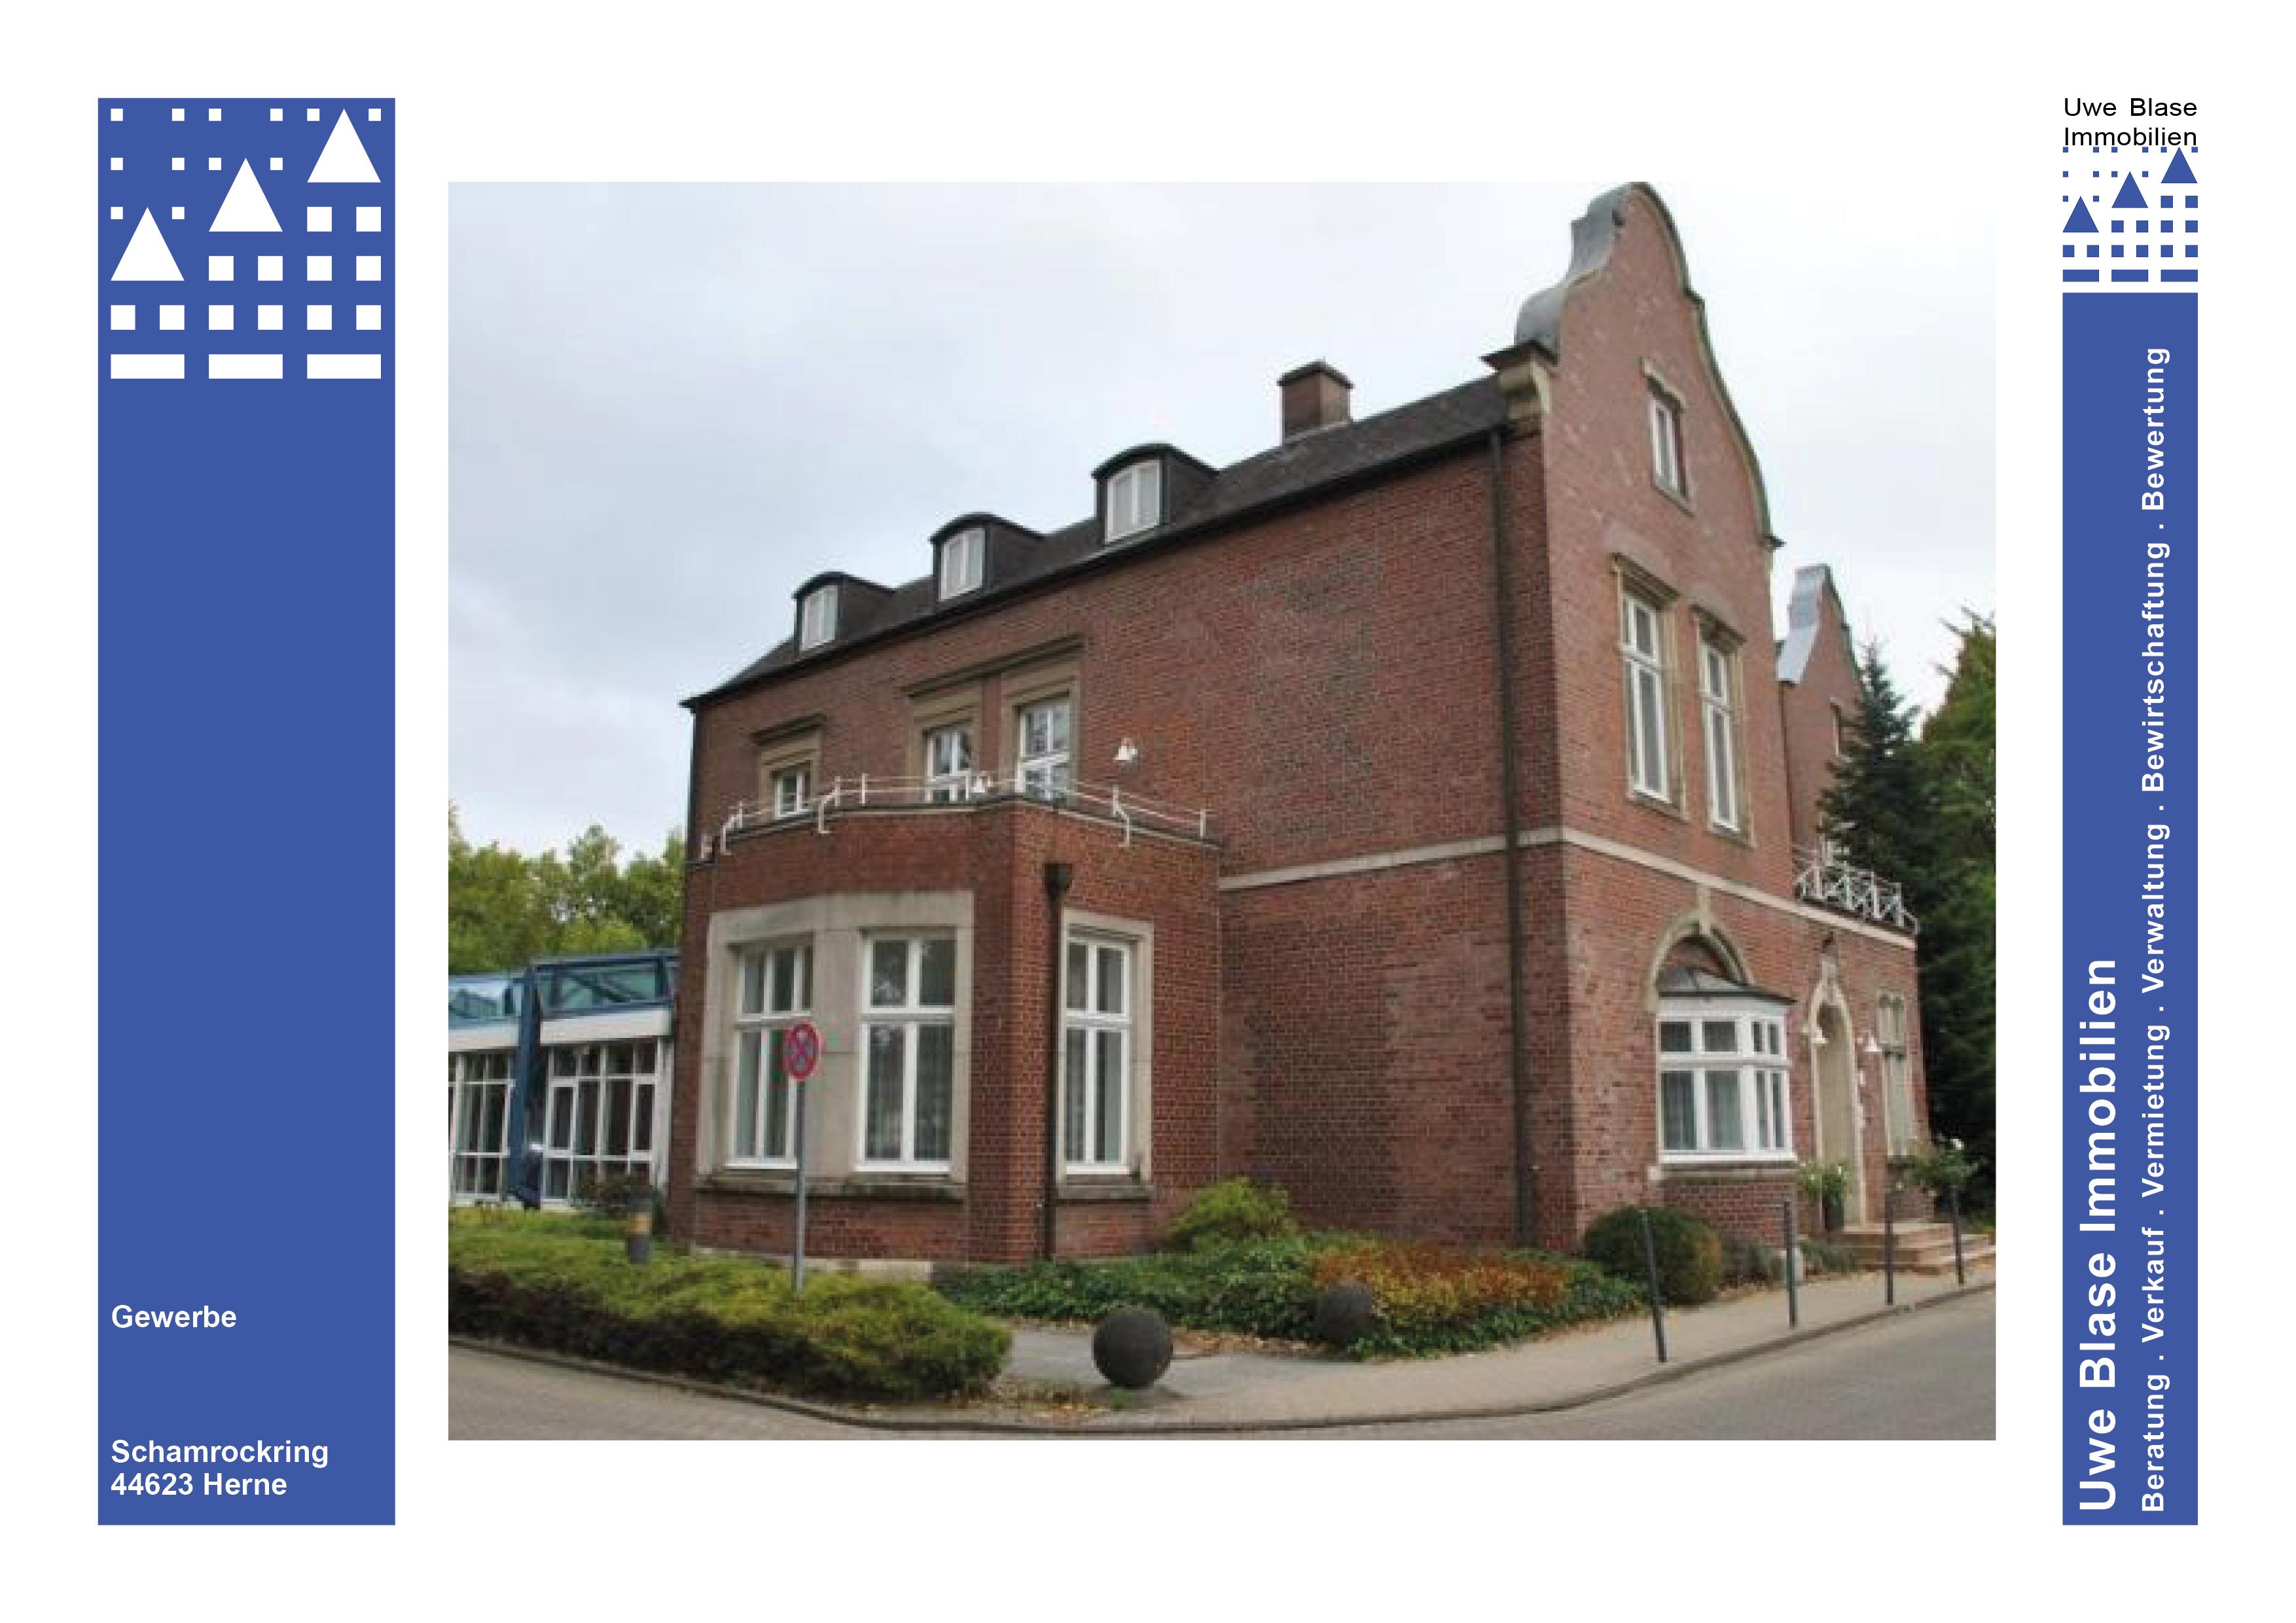 Haus 8: Bürogebäude mit angeschlossenem Casino